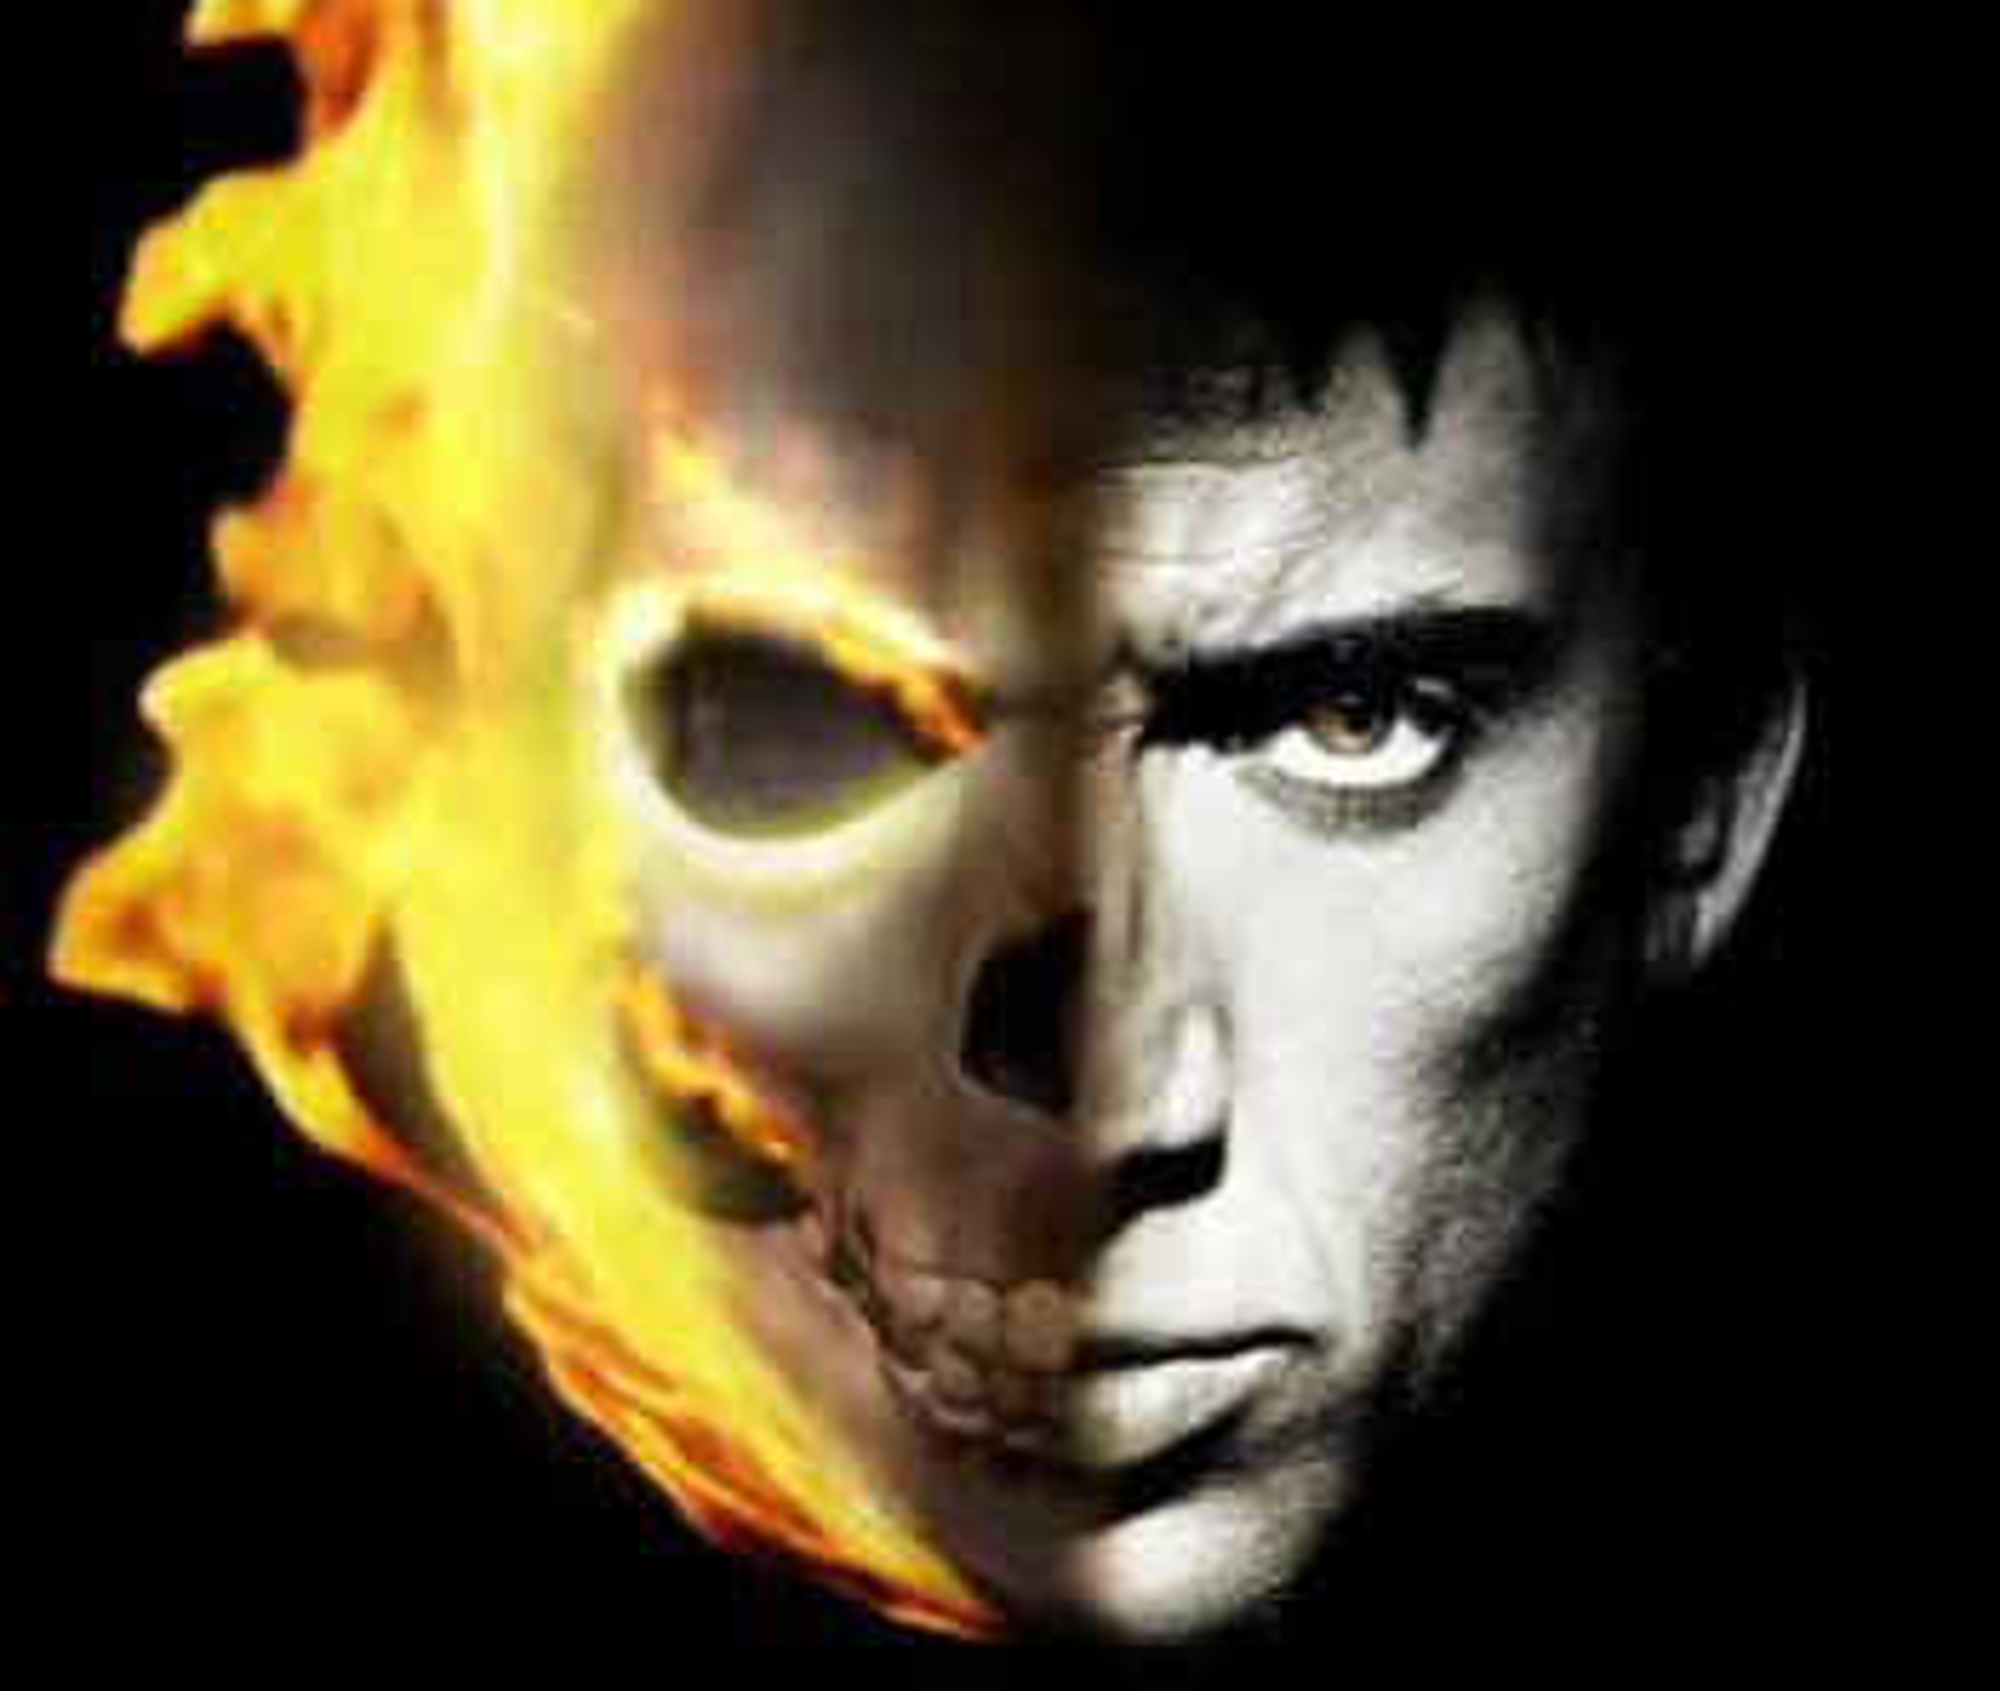 Med over ti filmer på tapetet kan det ta en del tid før vi får se Cage i rollen som den hevngjerrige karakteren.